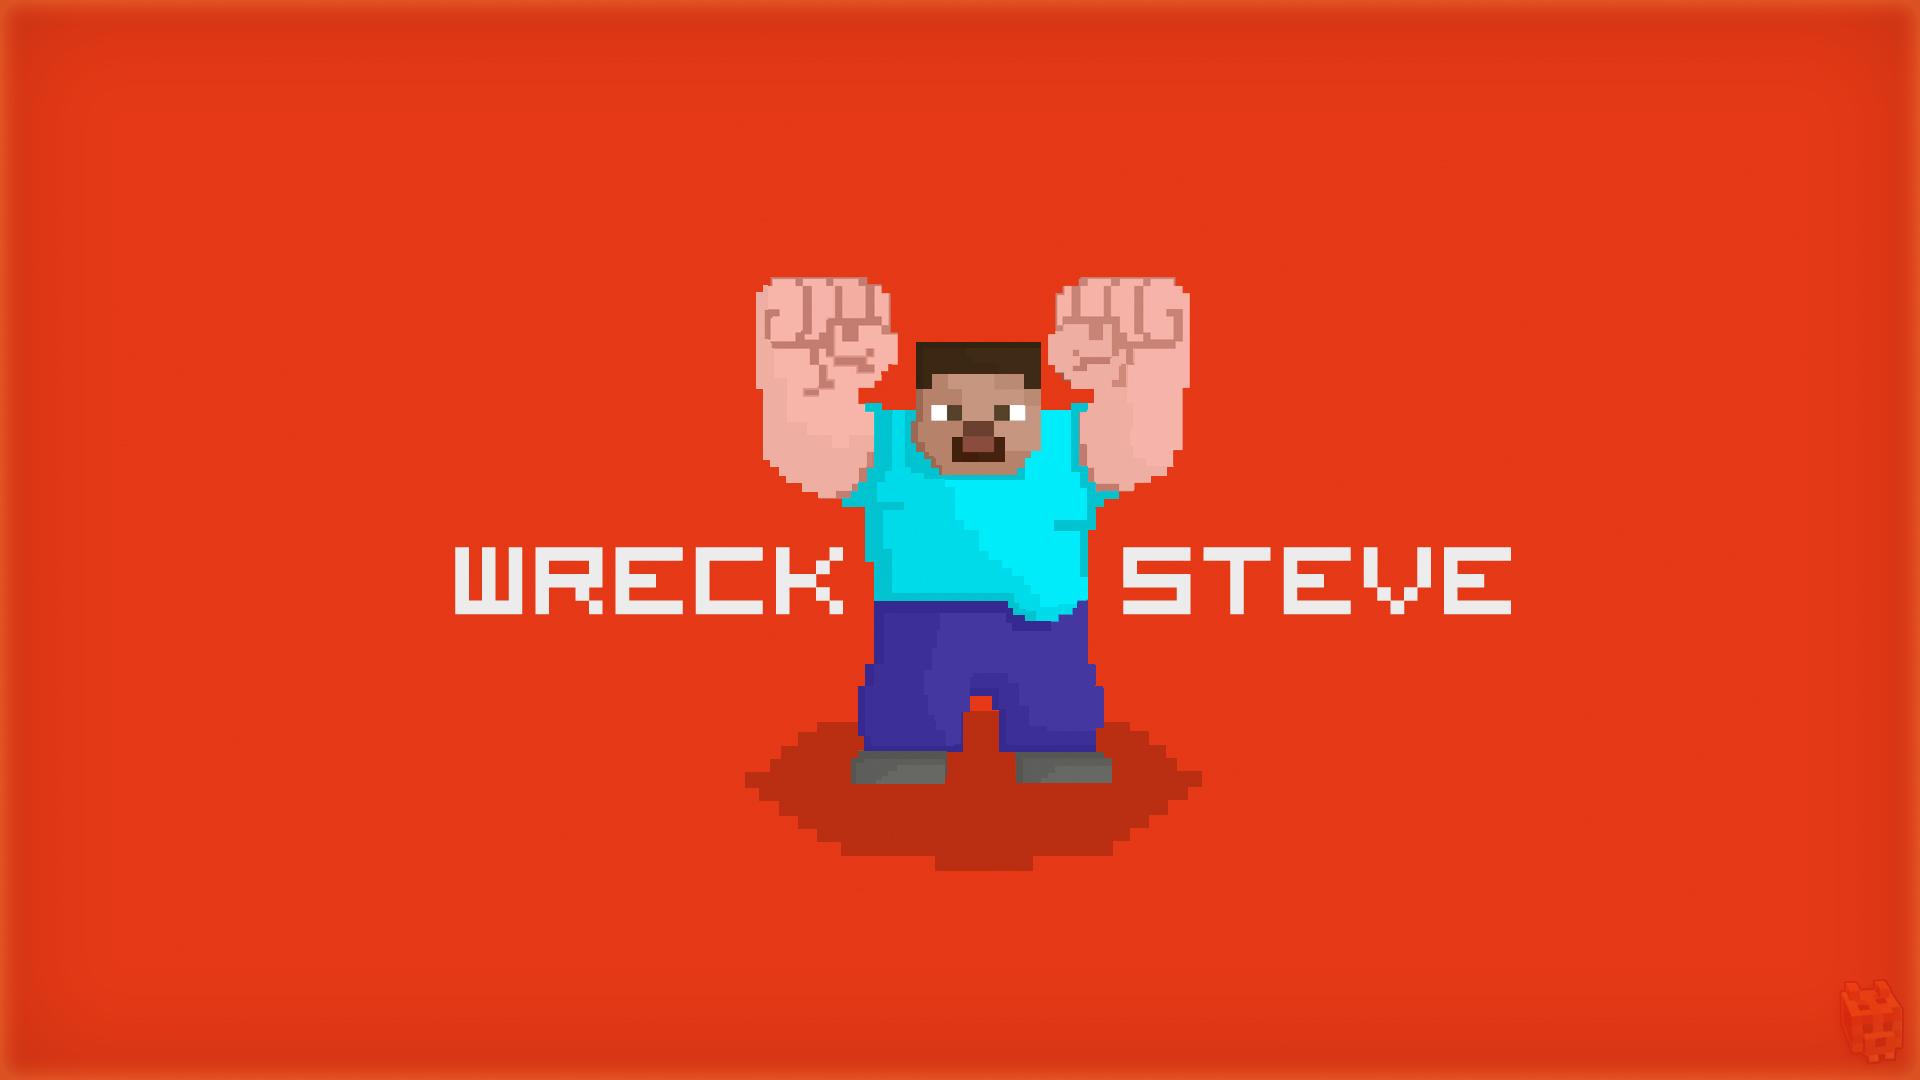 Wreck it Steve   Minecraft Wallpaper by Dentvanboo 1920x1080